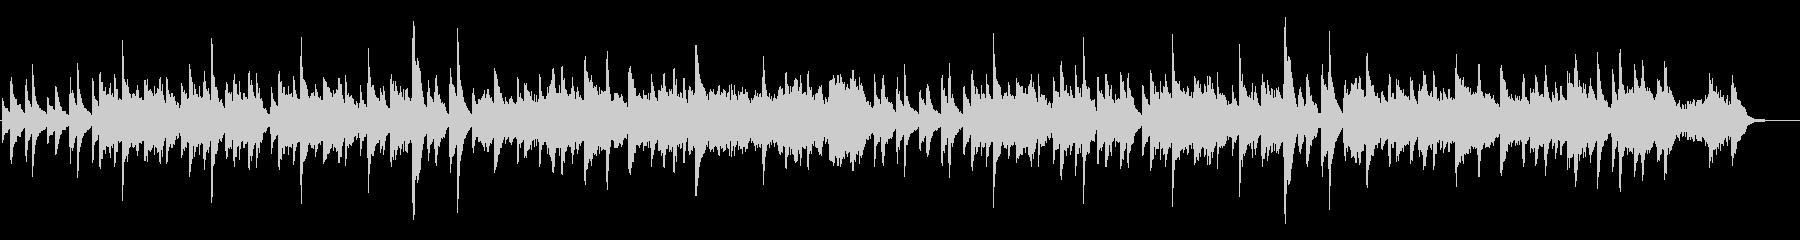 ジムノペディ第1番(オーケストラ版)の未再生の波形